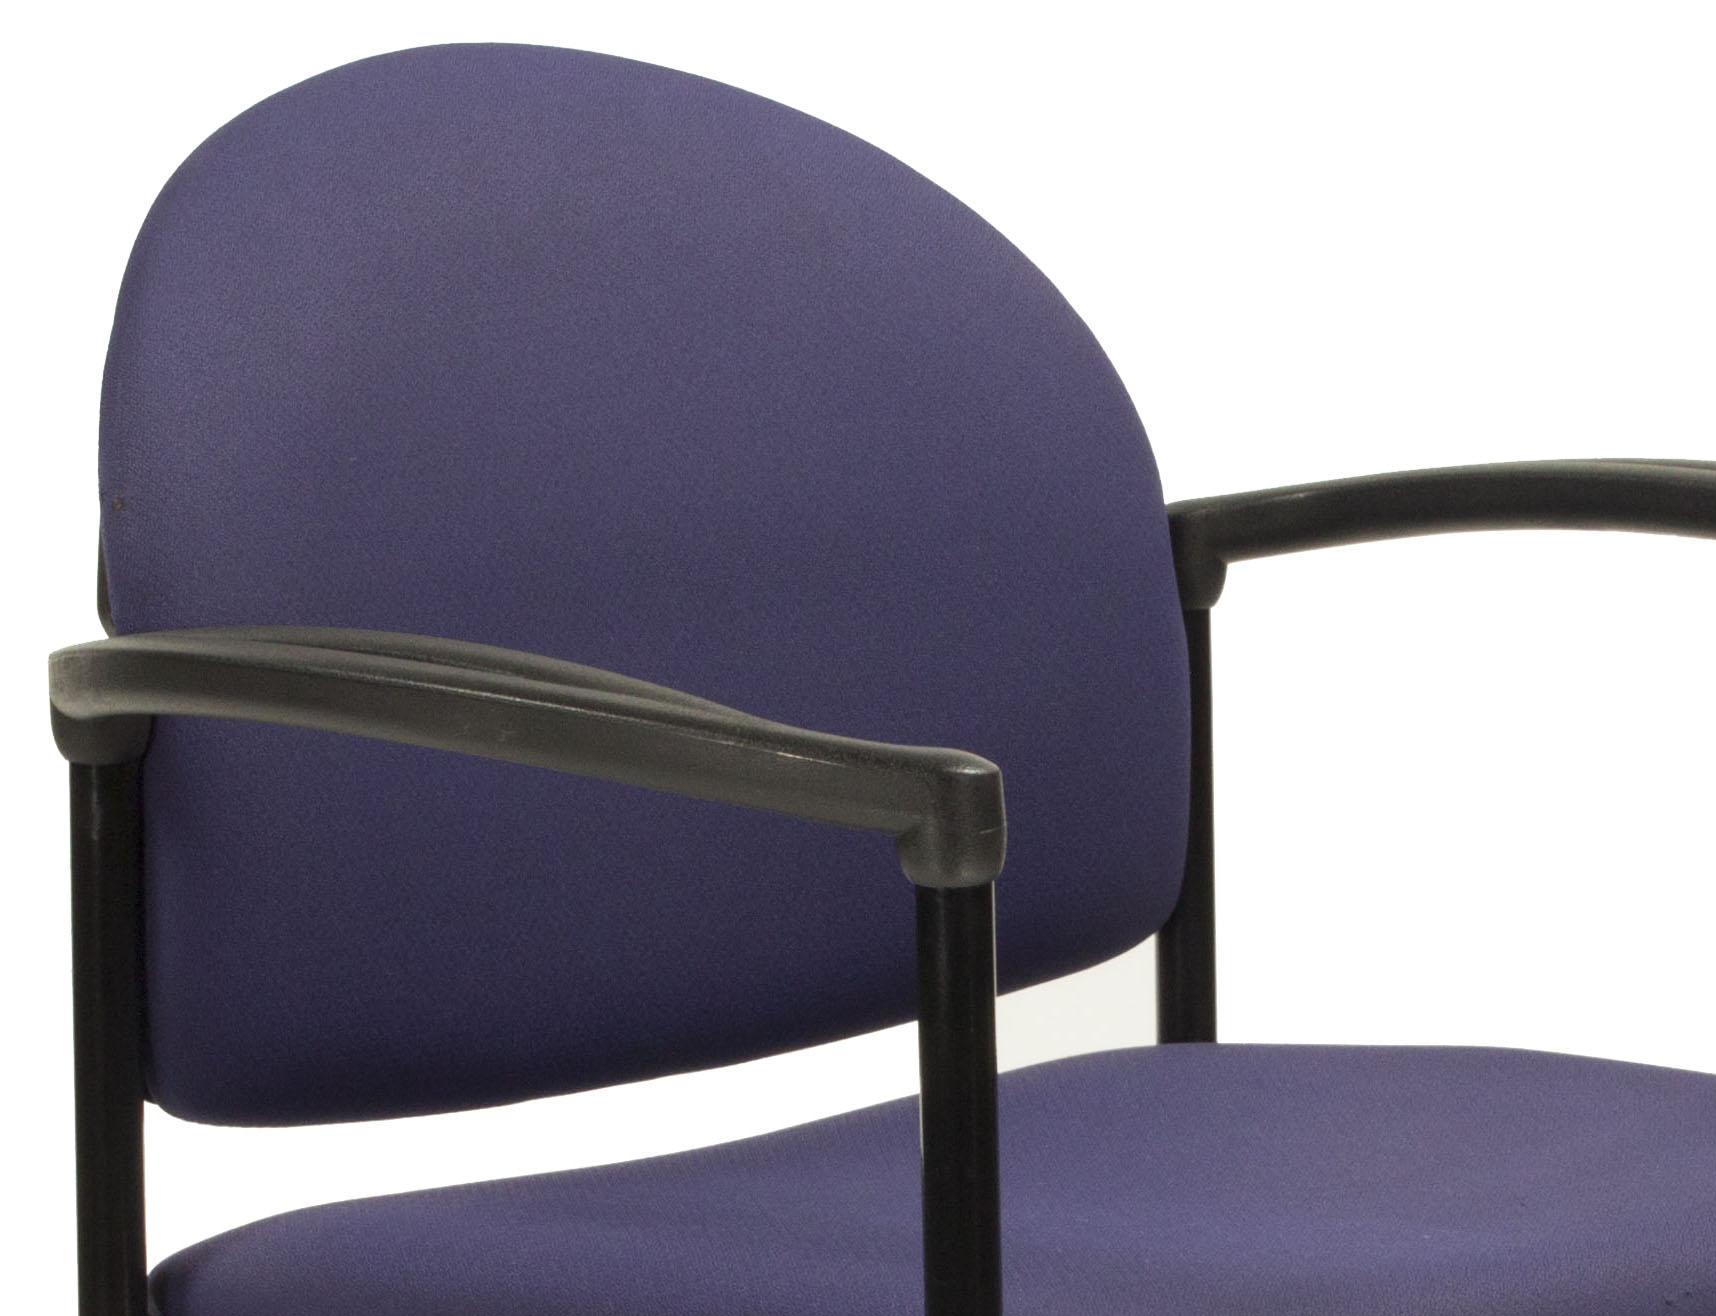 Steelcase-Turnstone-Springboard-SideChair-04.jpg